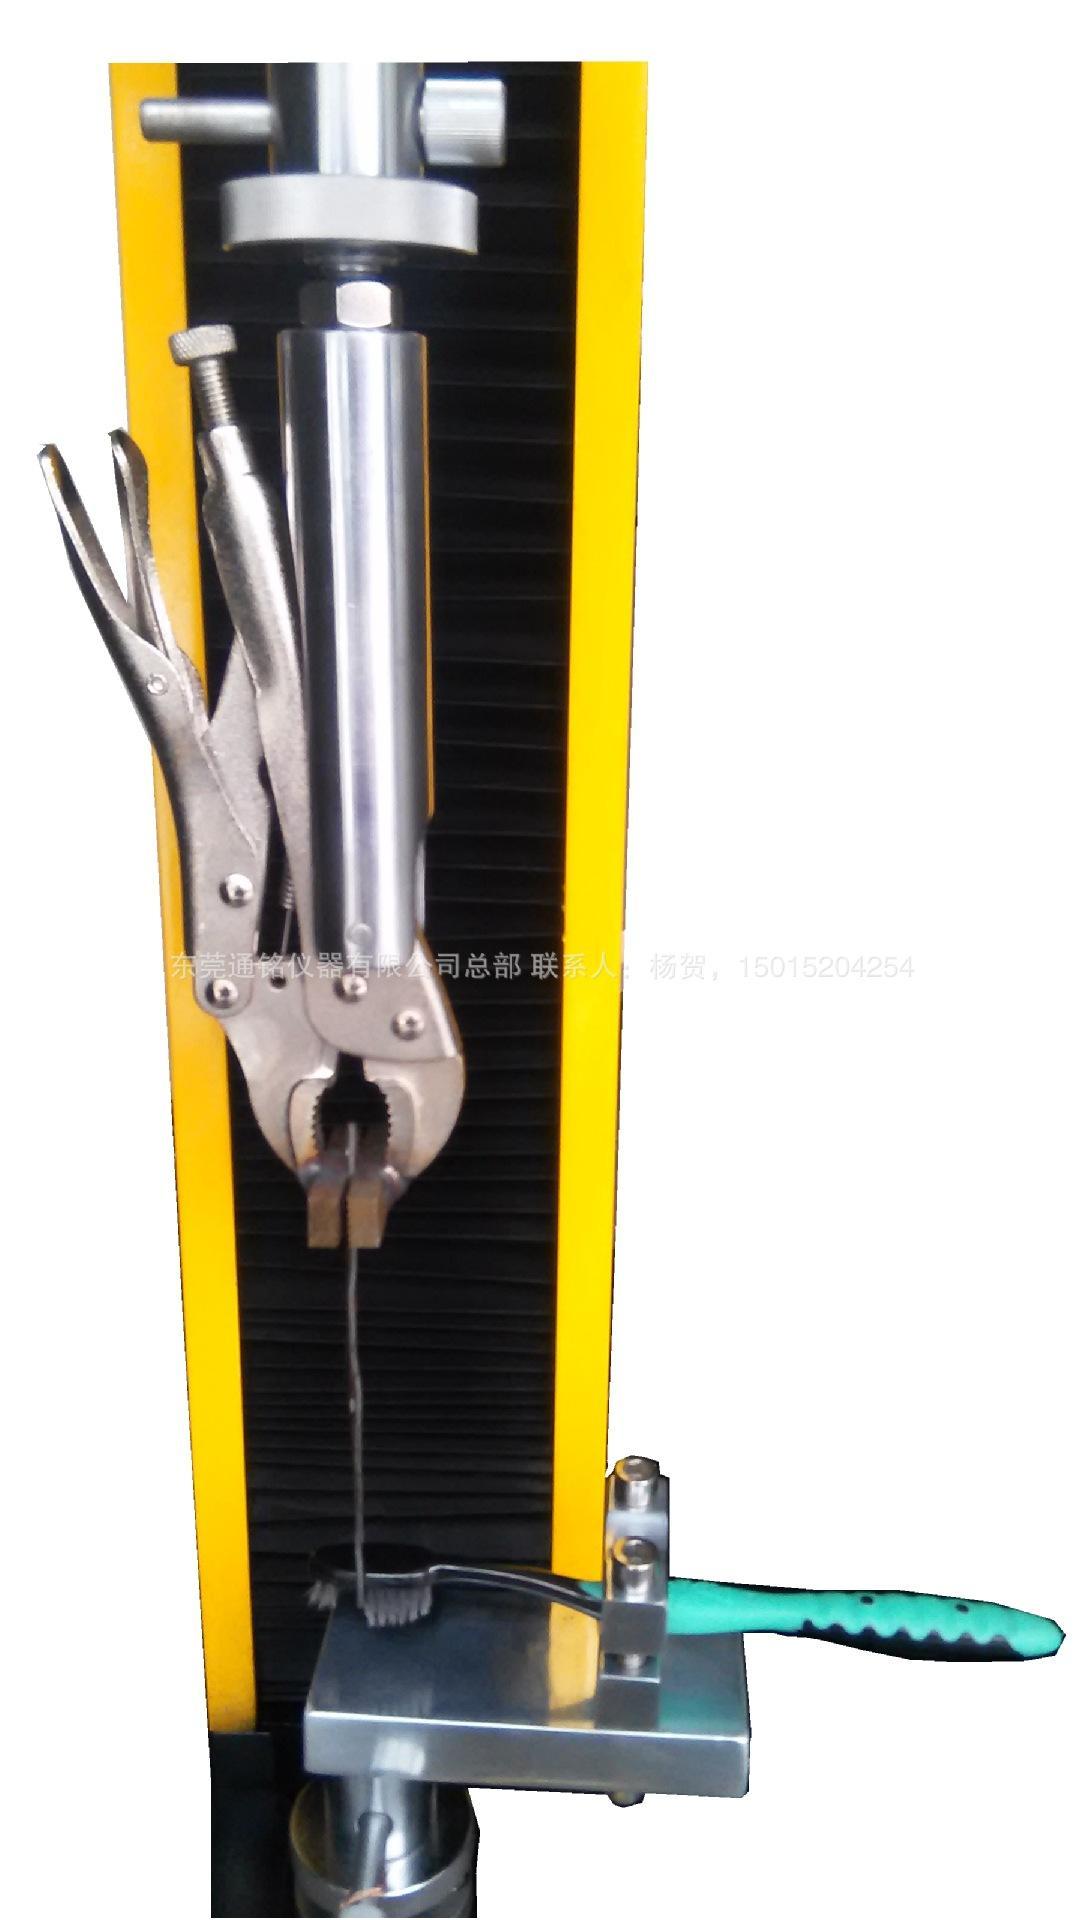 牙刷力学性能试验机-综合毛束拉力/柄部抗弯力颈部抗弯力ISO20126 4